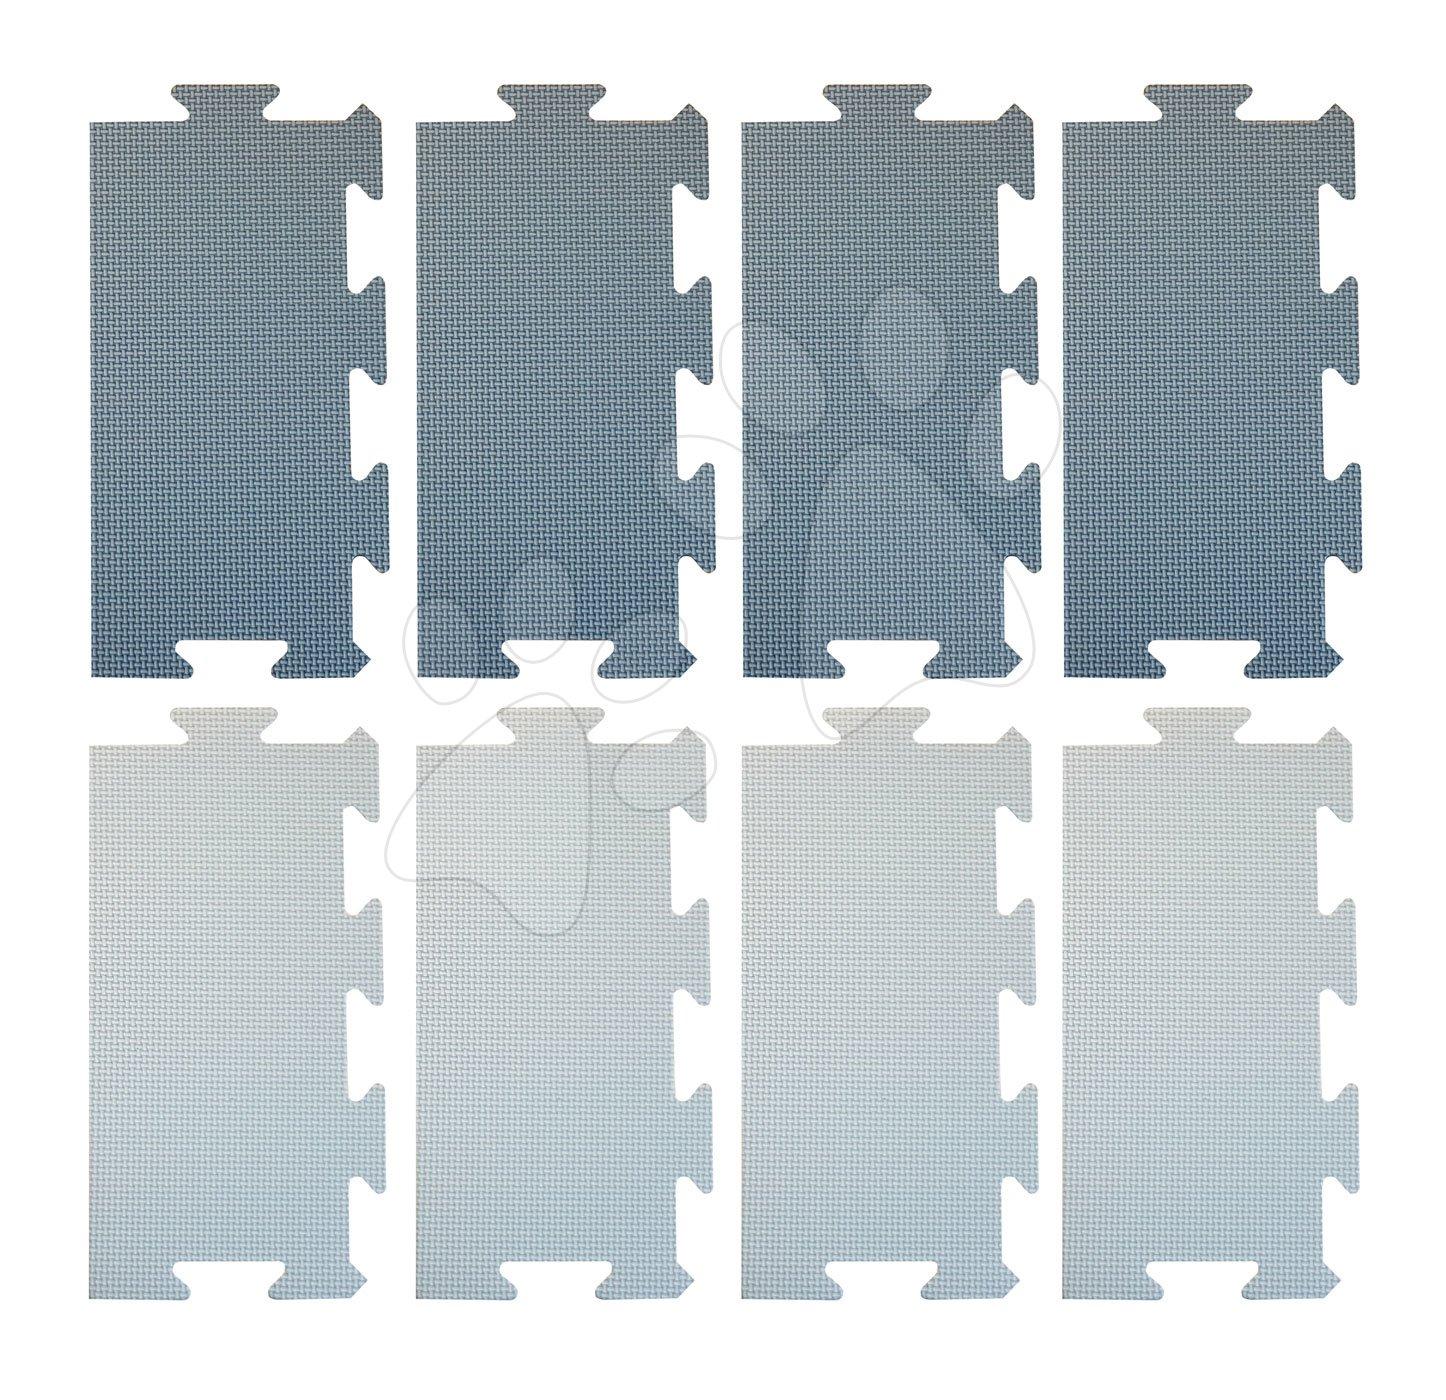 Robovi za FM946-1B puzzle iz pene Lee Chyun modri 8 delov 30*15 cm od 0 mes